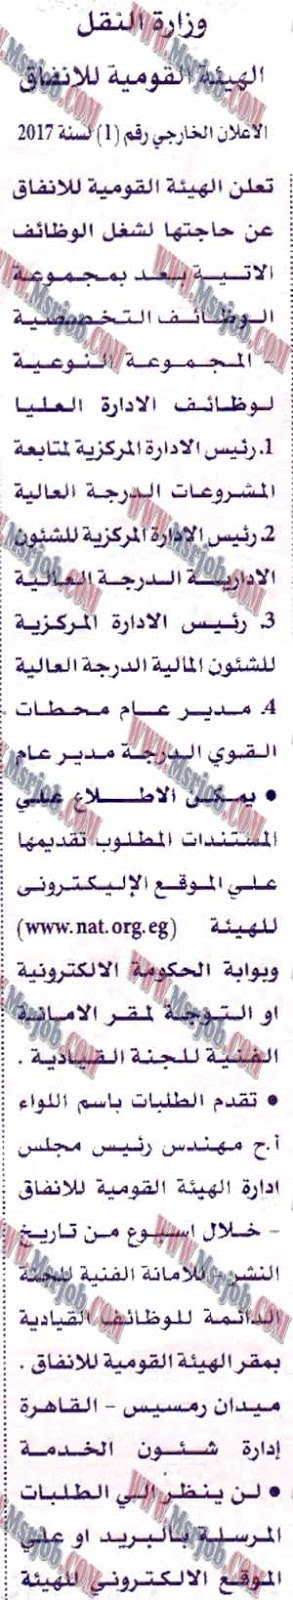 وظائف الهيئة القومية للانفاق - الاعلان الخارجي رقم 1 لسنة 2017